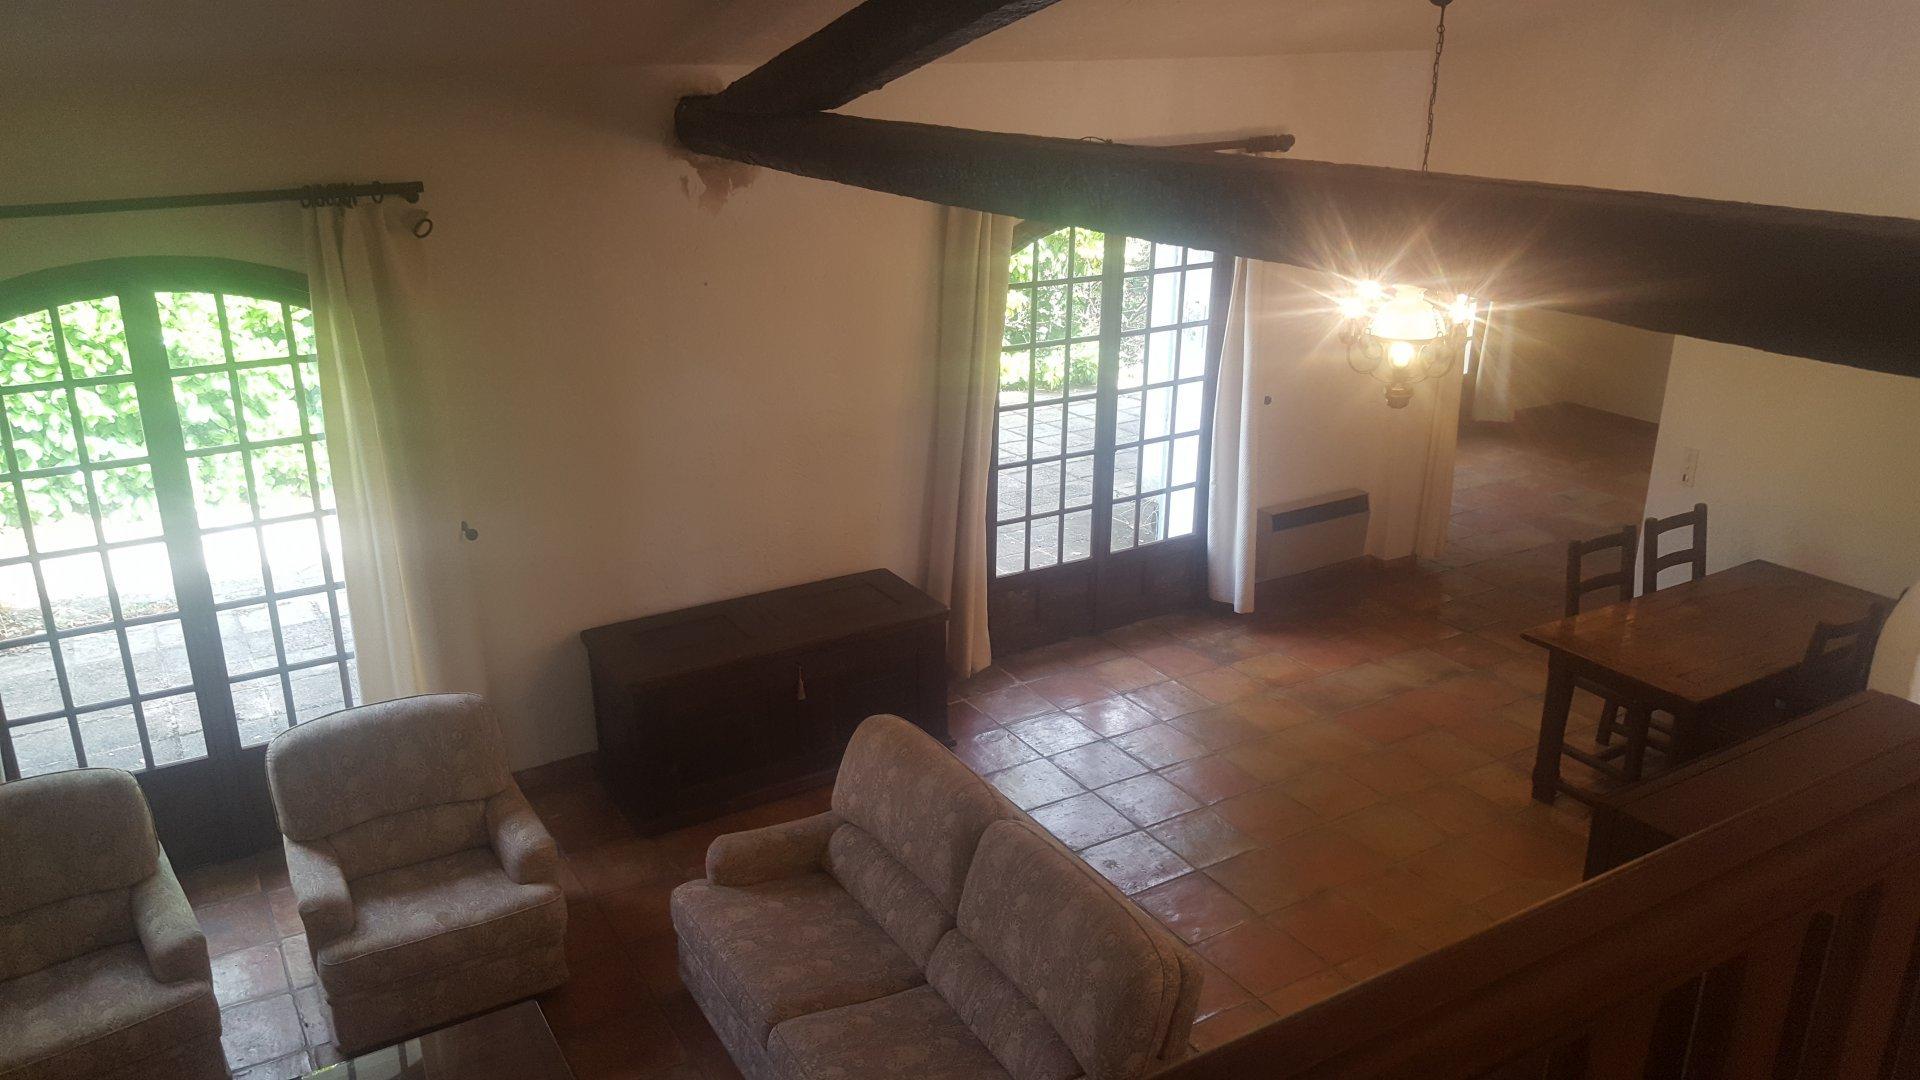 Villa 4 Pièces - 1 minute au village de Saint Cezaire sur Siagne